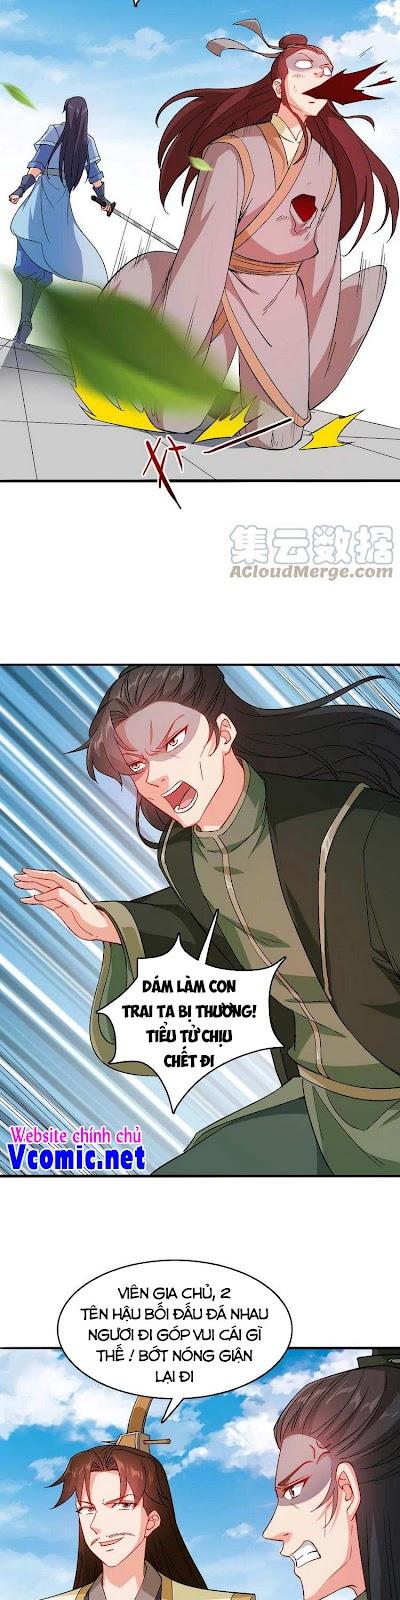 Anh Hùng Bàn Phím Tu Tiên  Chương 47 - Vcomic.net